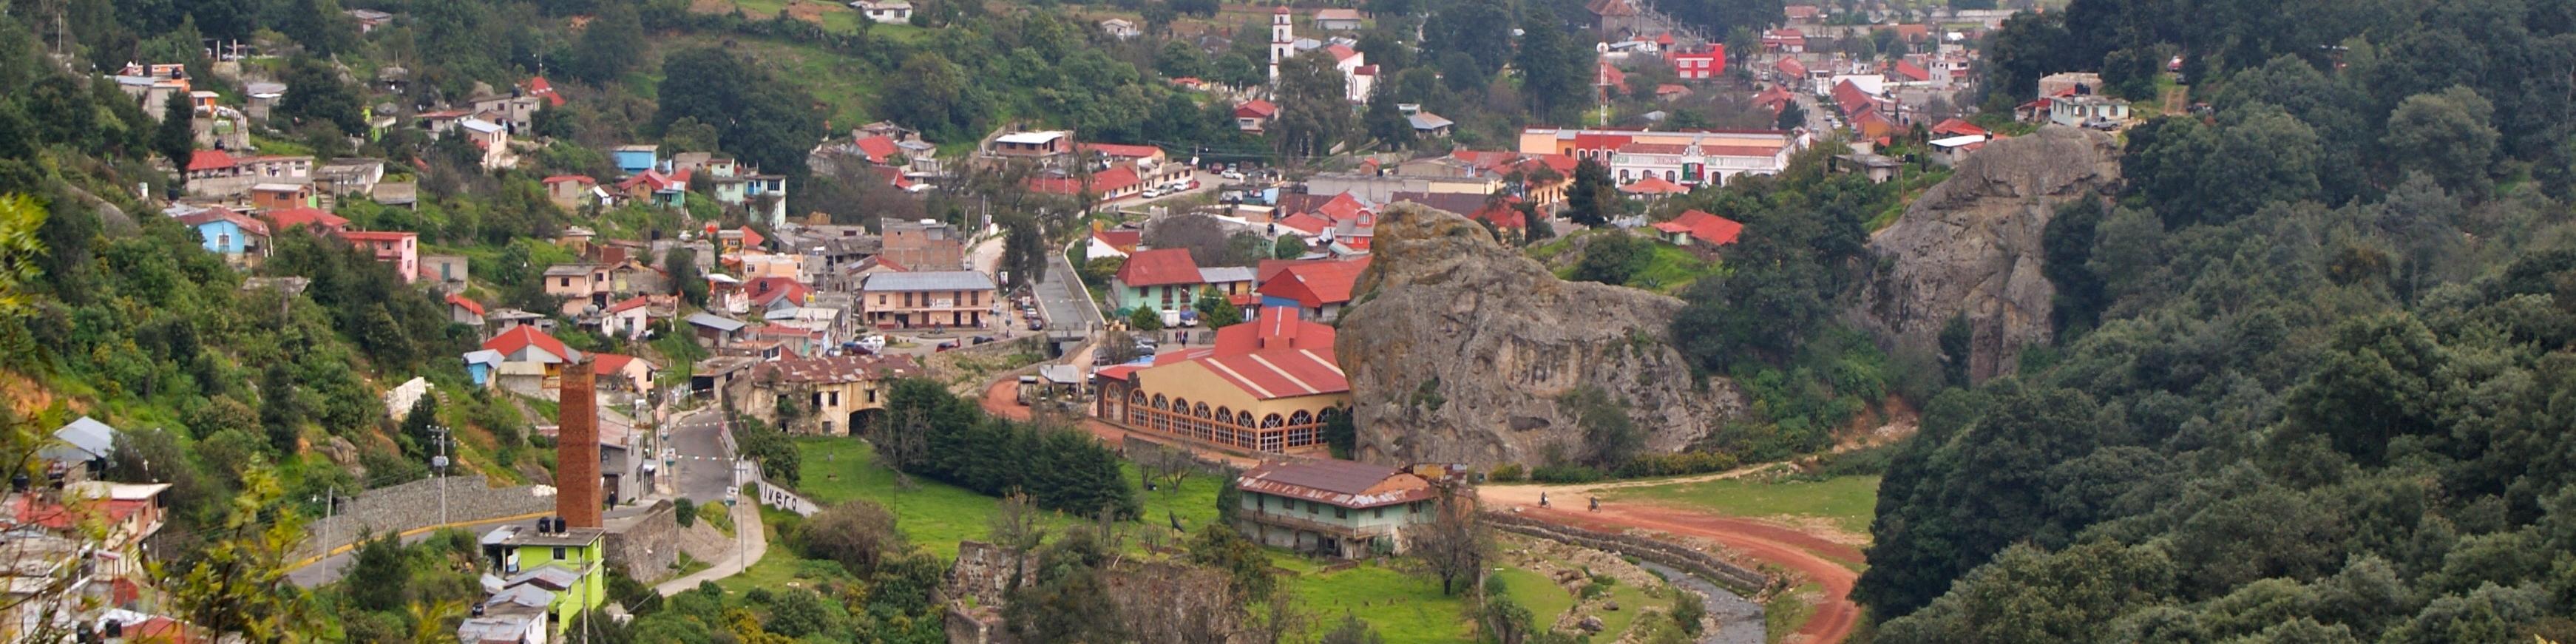 Omitlán de Juárez